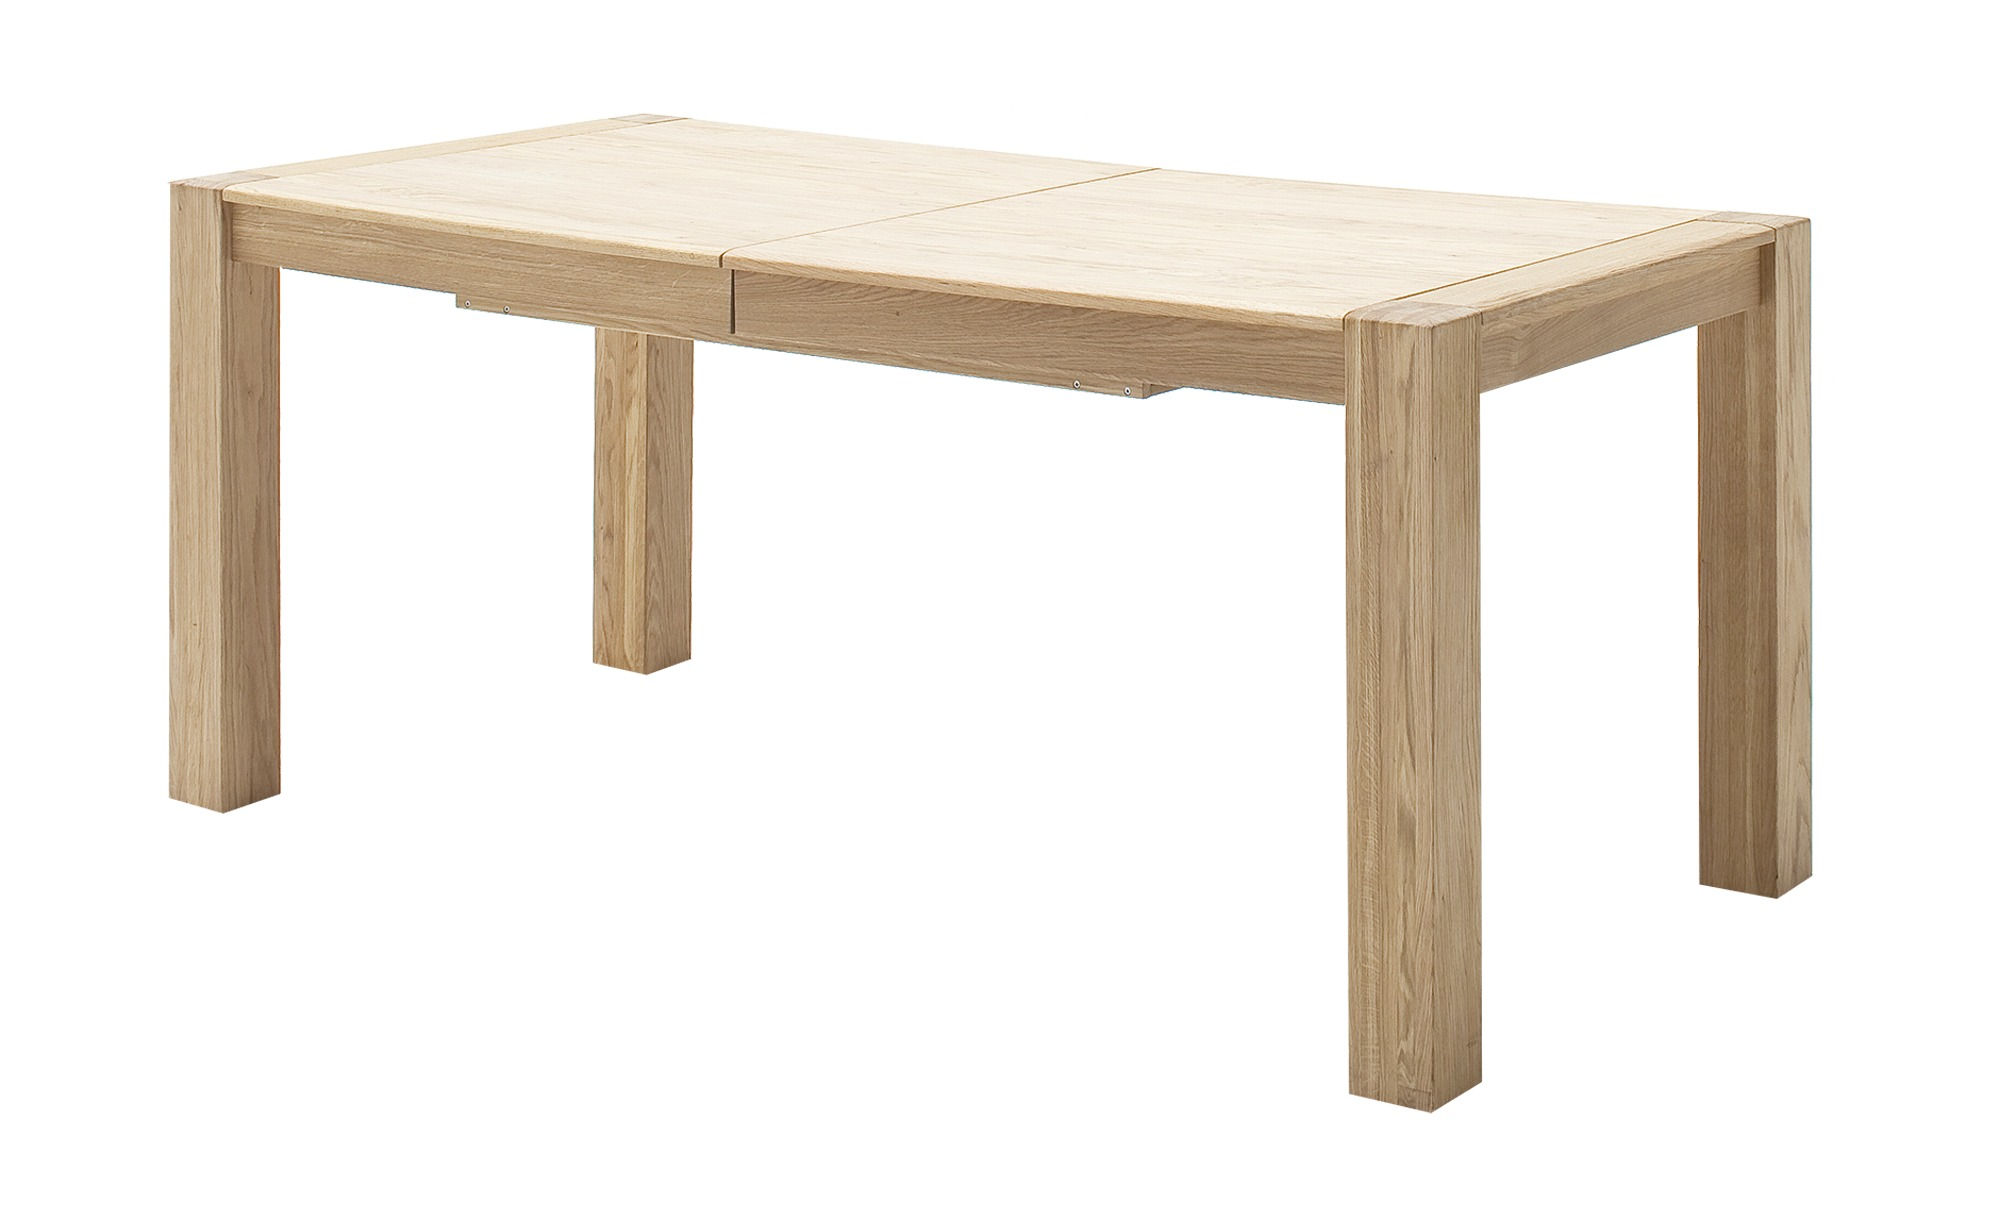 Woodford Esstisch ausziehbar  Loggia ¦ holzfarben ¦ Maße (cm): B: 90 H: 78 Tische > Esstische > Esstische ausziehbar - Höffner